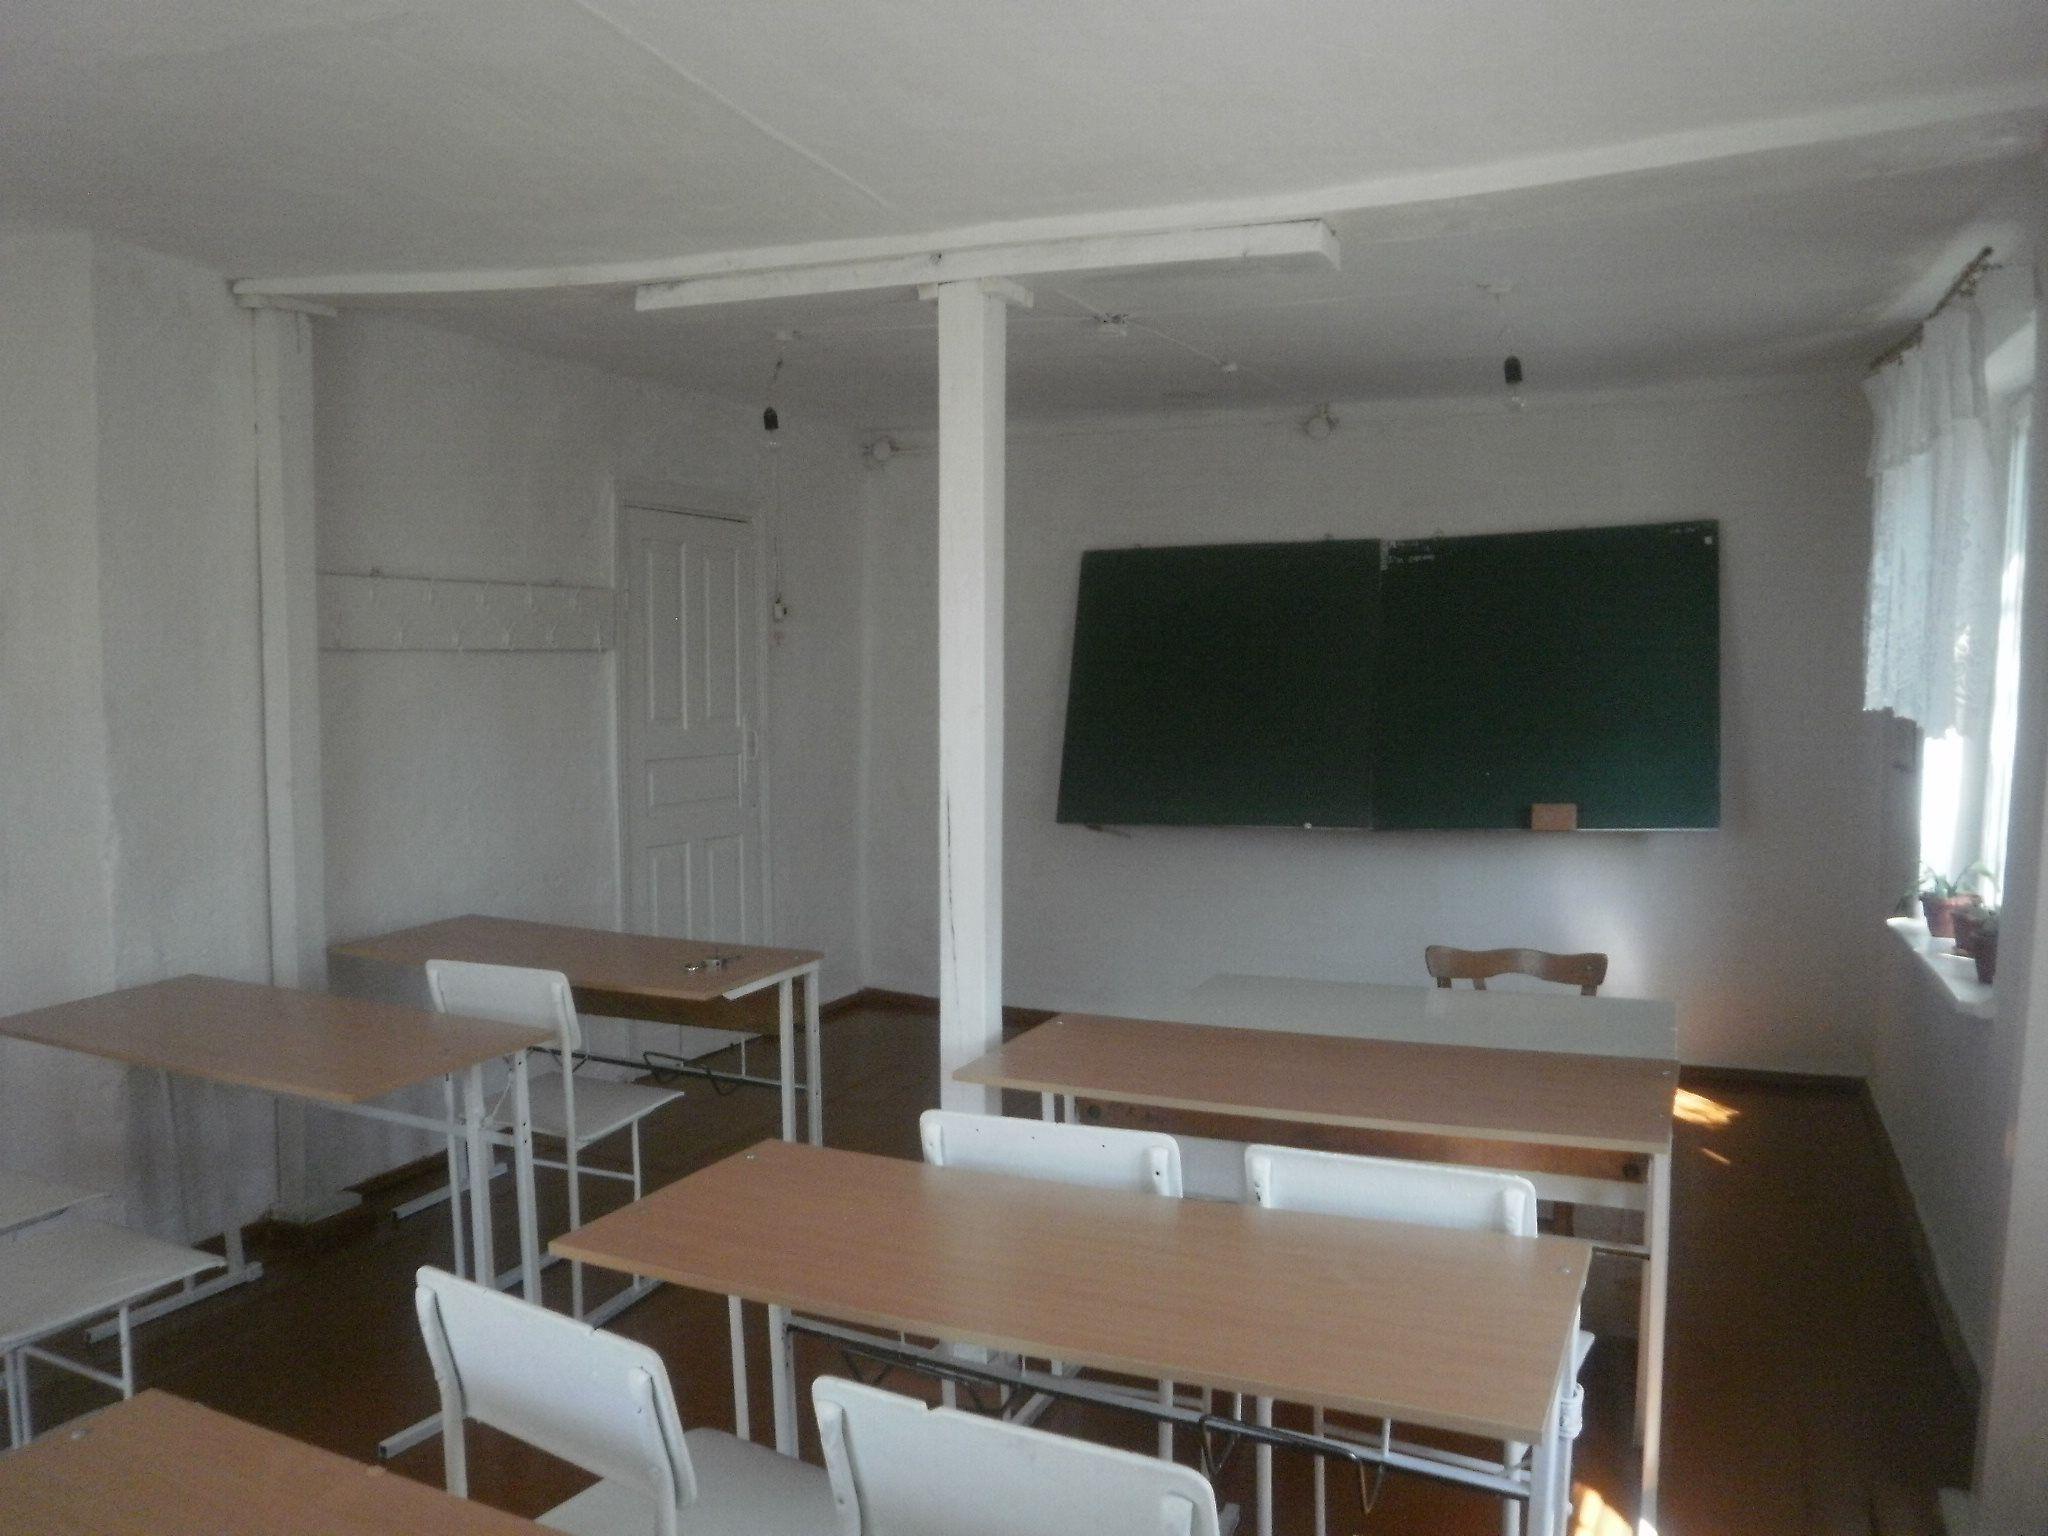 Школа Хмельниччина село Корчик_1